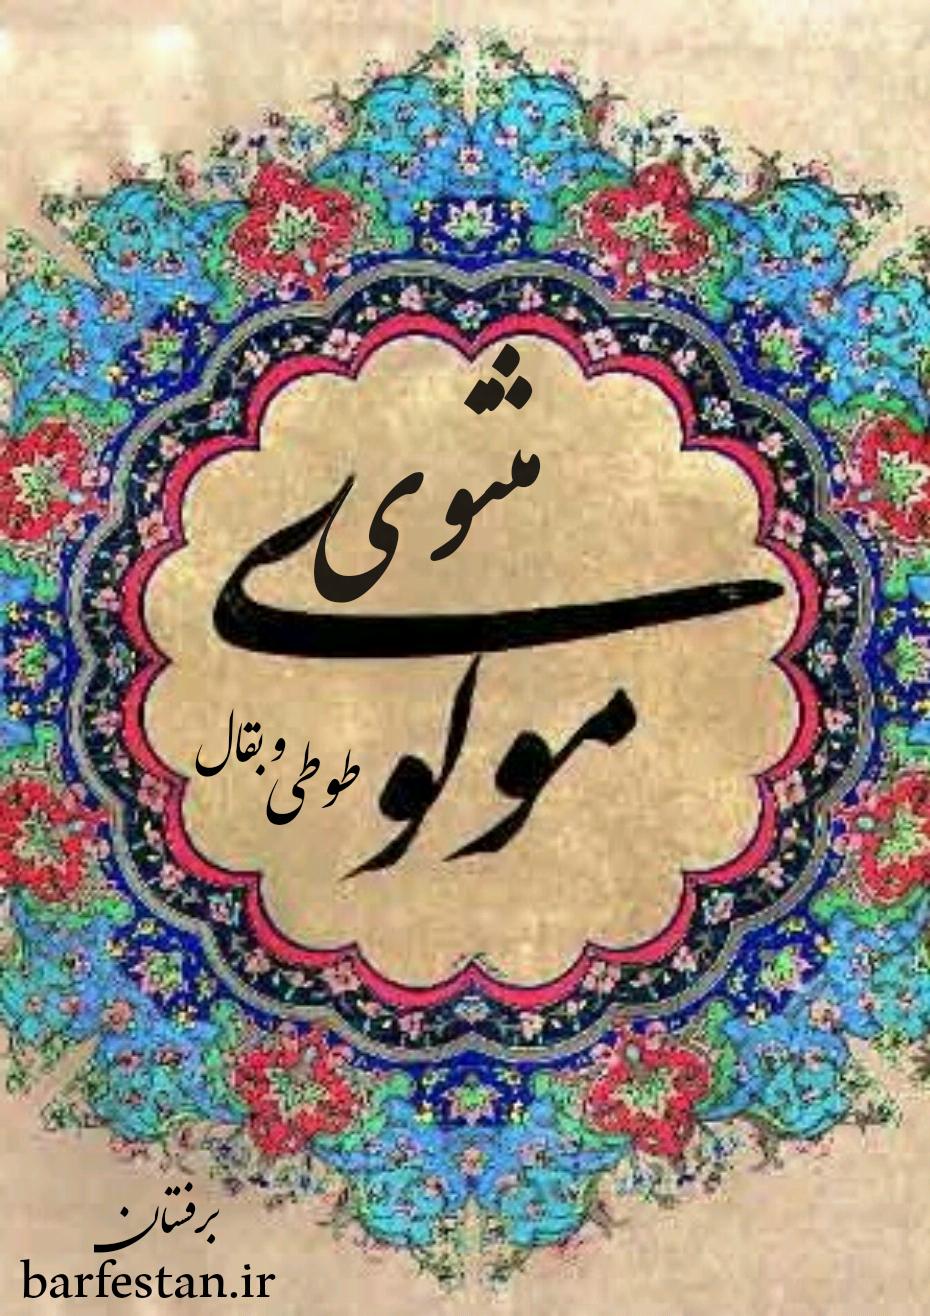 برفستان؛دمی با شاعران(مولانا)قسمت پنجم